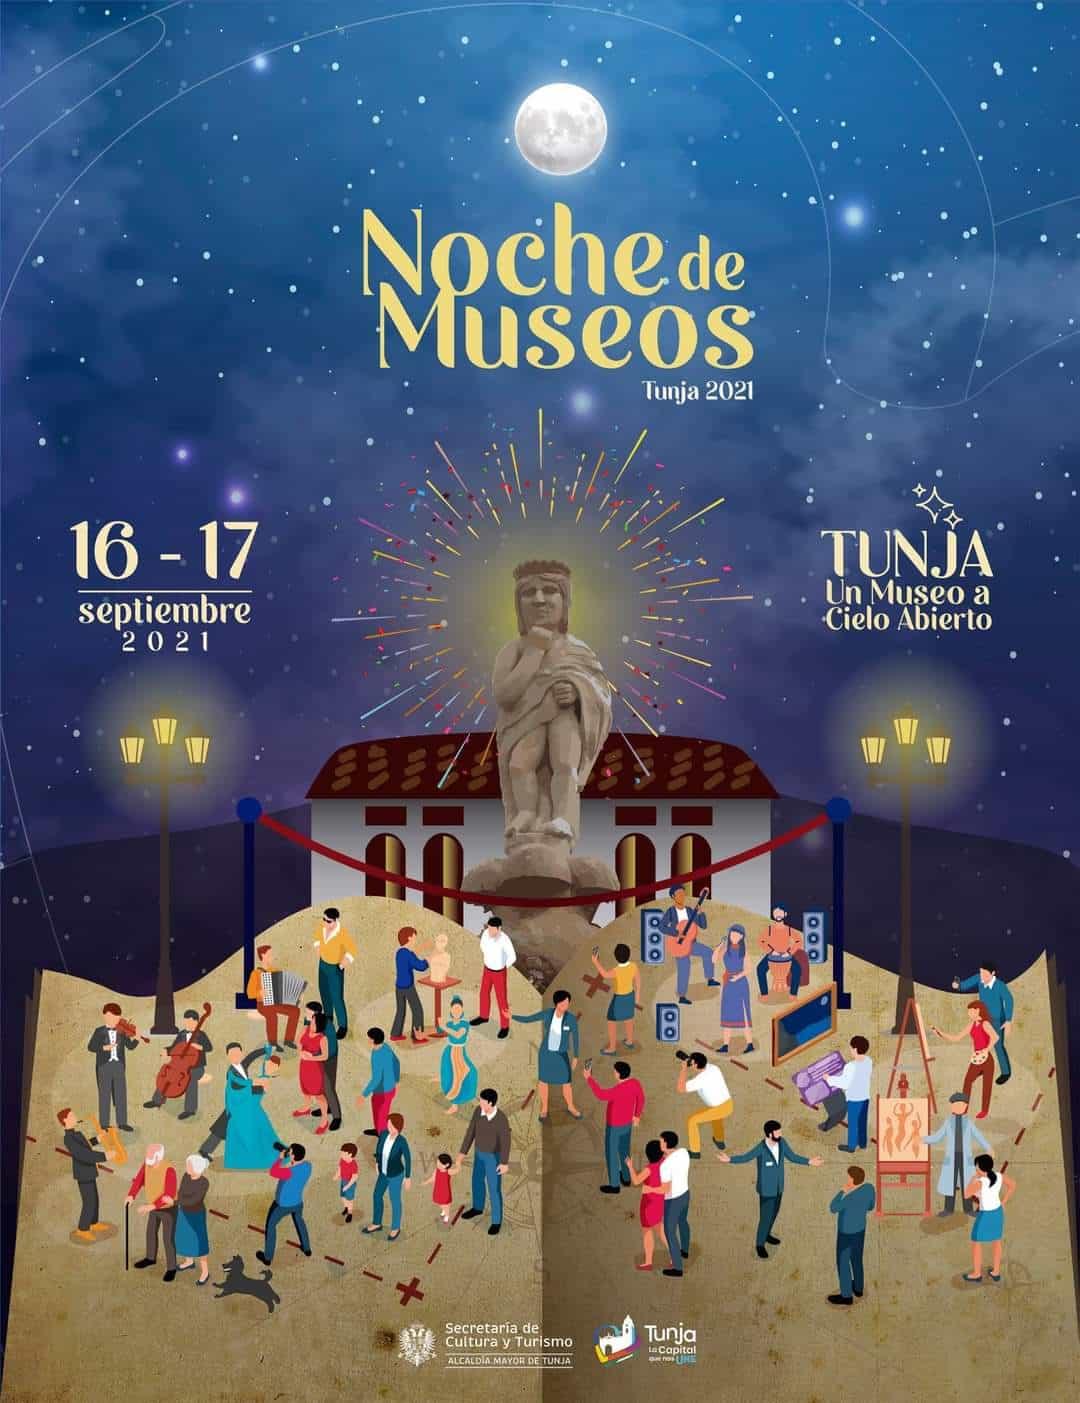 Llega la fascinante Noche de los museos a Tunja 1